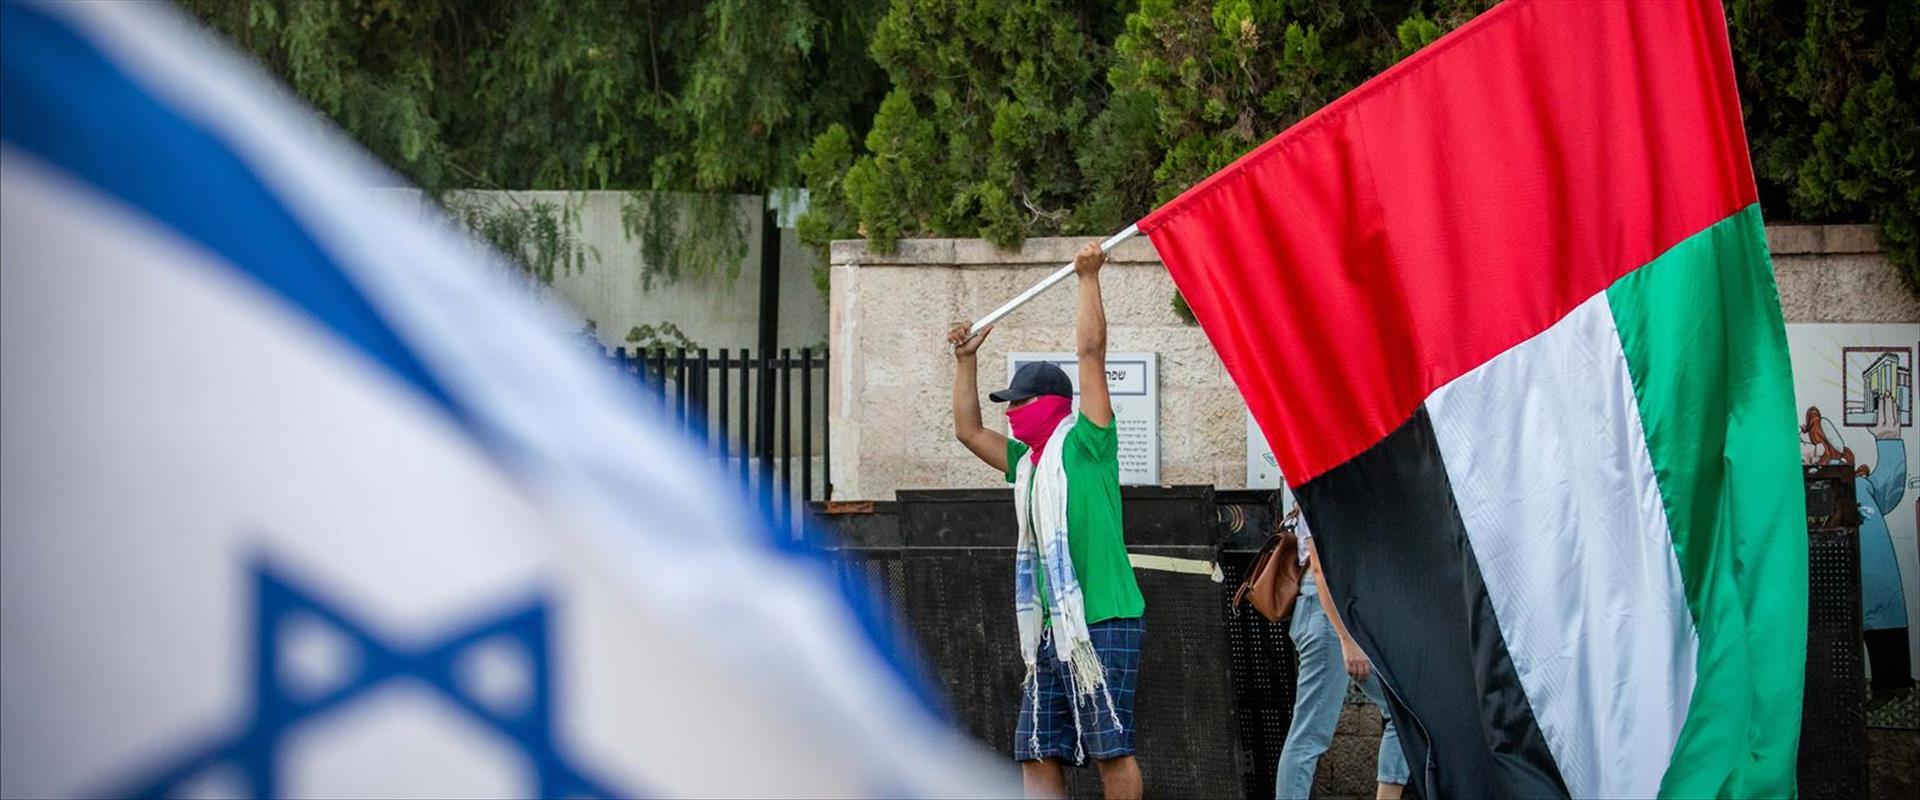 דגל האמירויות ודגל ישראל